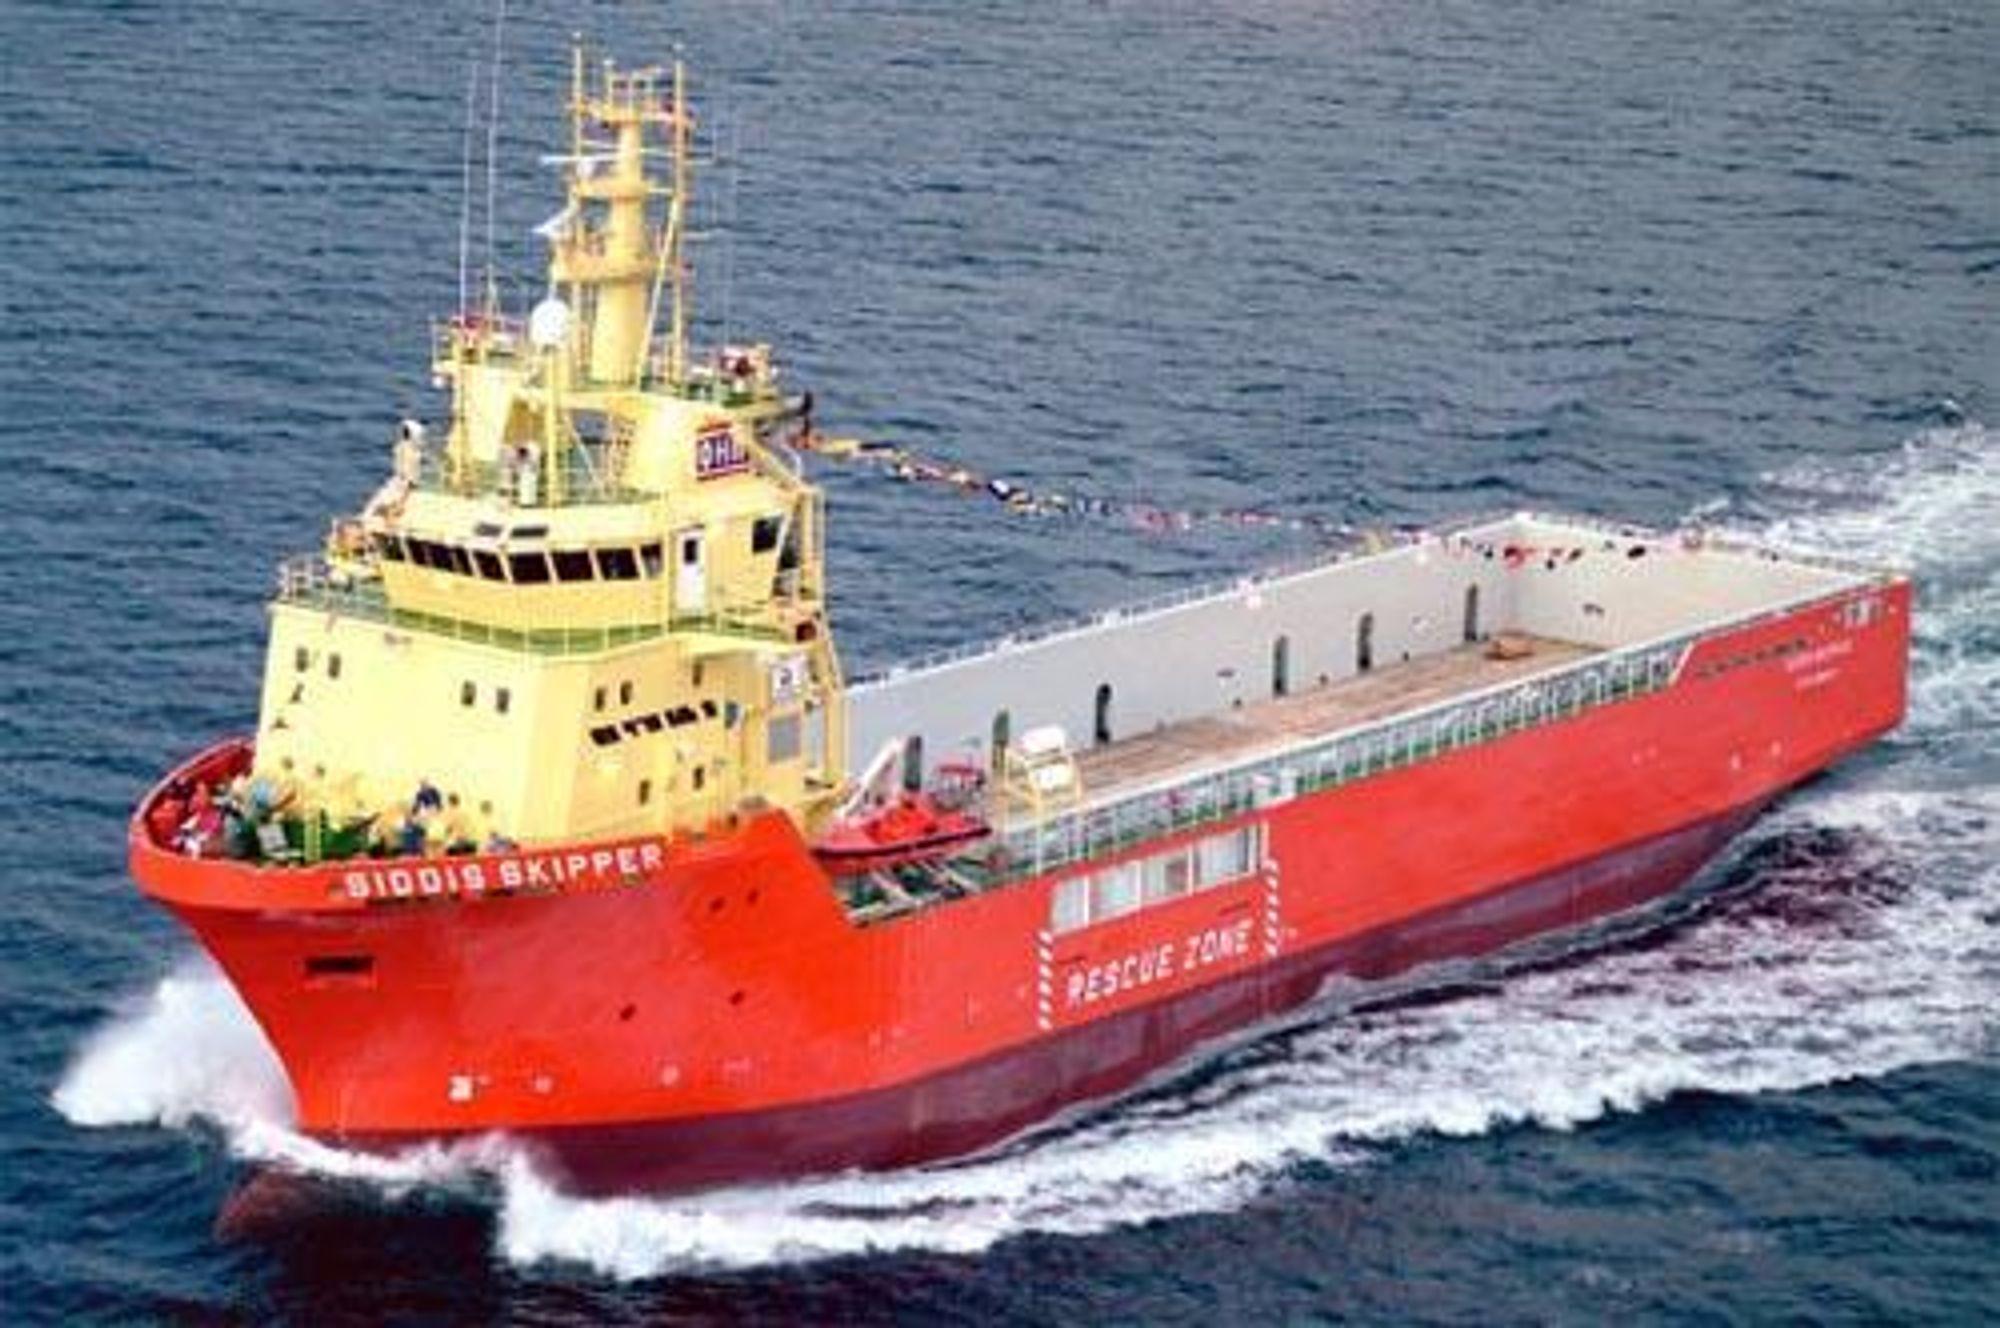 De fire forsyningsskipene Aker Brattvaag skal bygge for Siem blir v samme type som Siddis Skipper, som ble levert til OH Meling fra Kleven i fjor. Foto: Vik-Sandvik